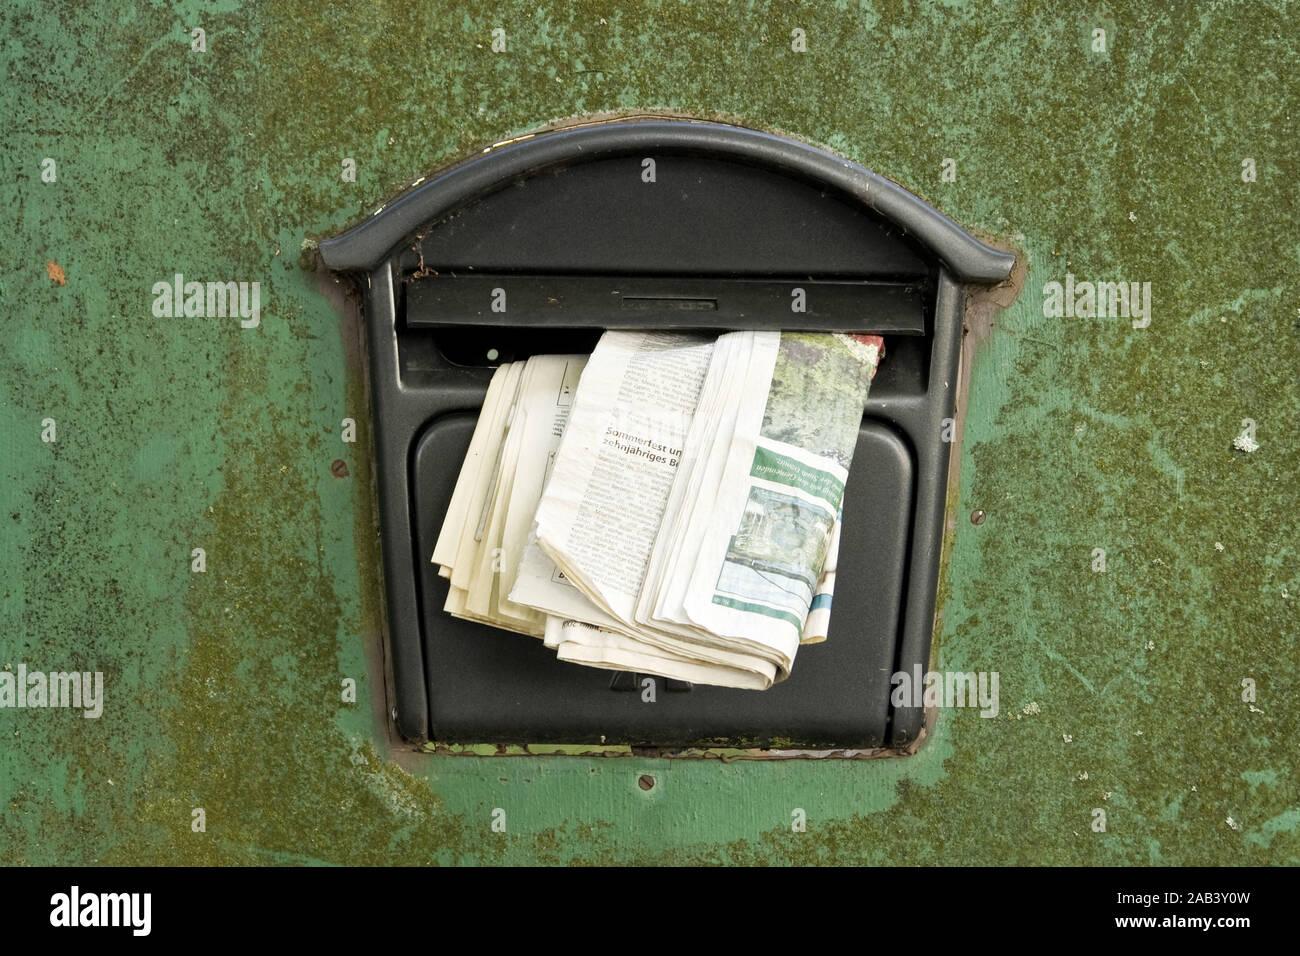 Briefkasten mit einer älteren Tageszeitung |Letterbox with an earlier newspaper| Stock Photo